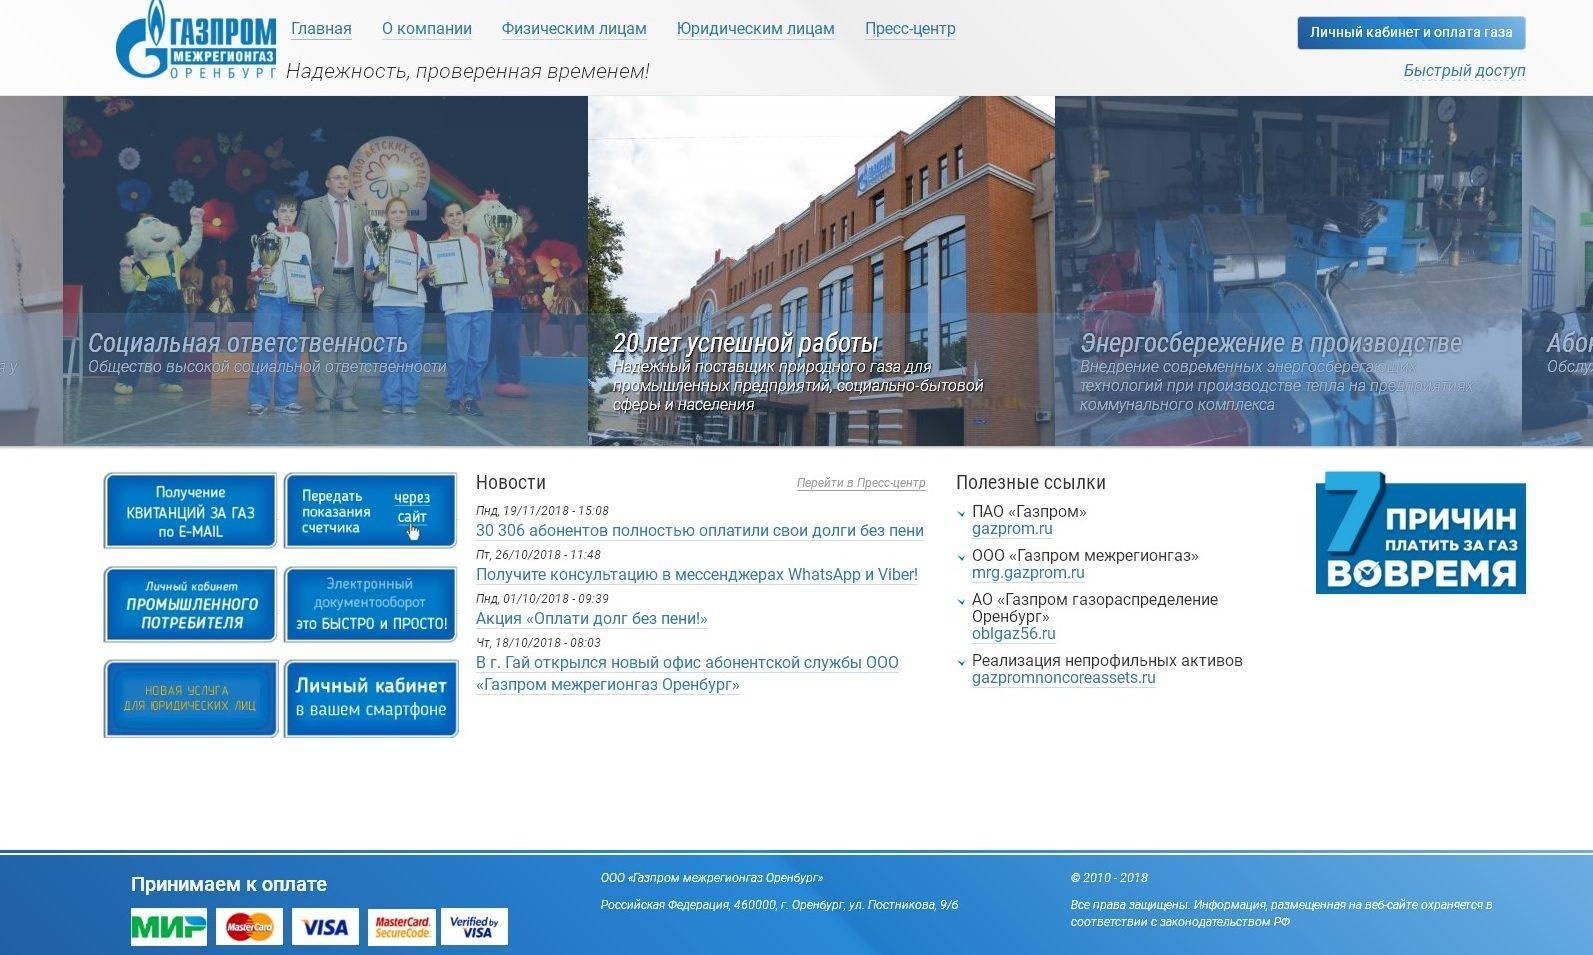 gazprom-mezhregiongaz-orenburg-1-e1543001965792.jpg